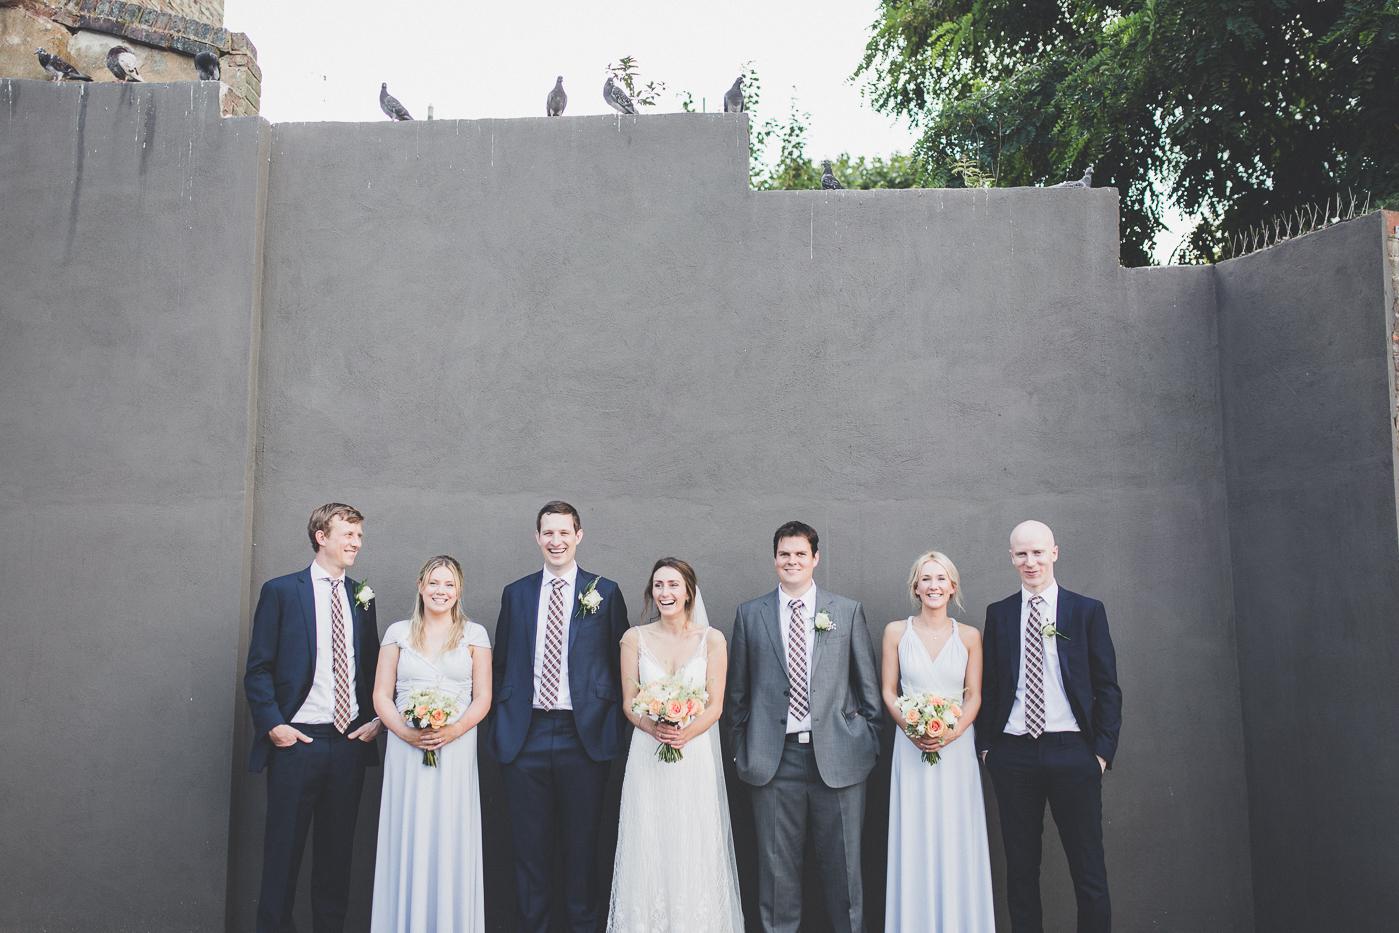 london-wedding-photographer-74.jpg